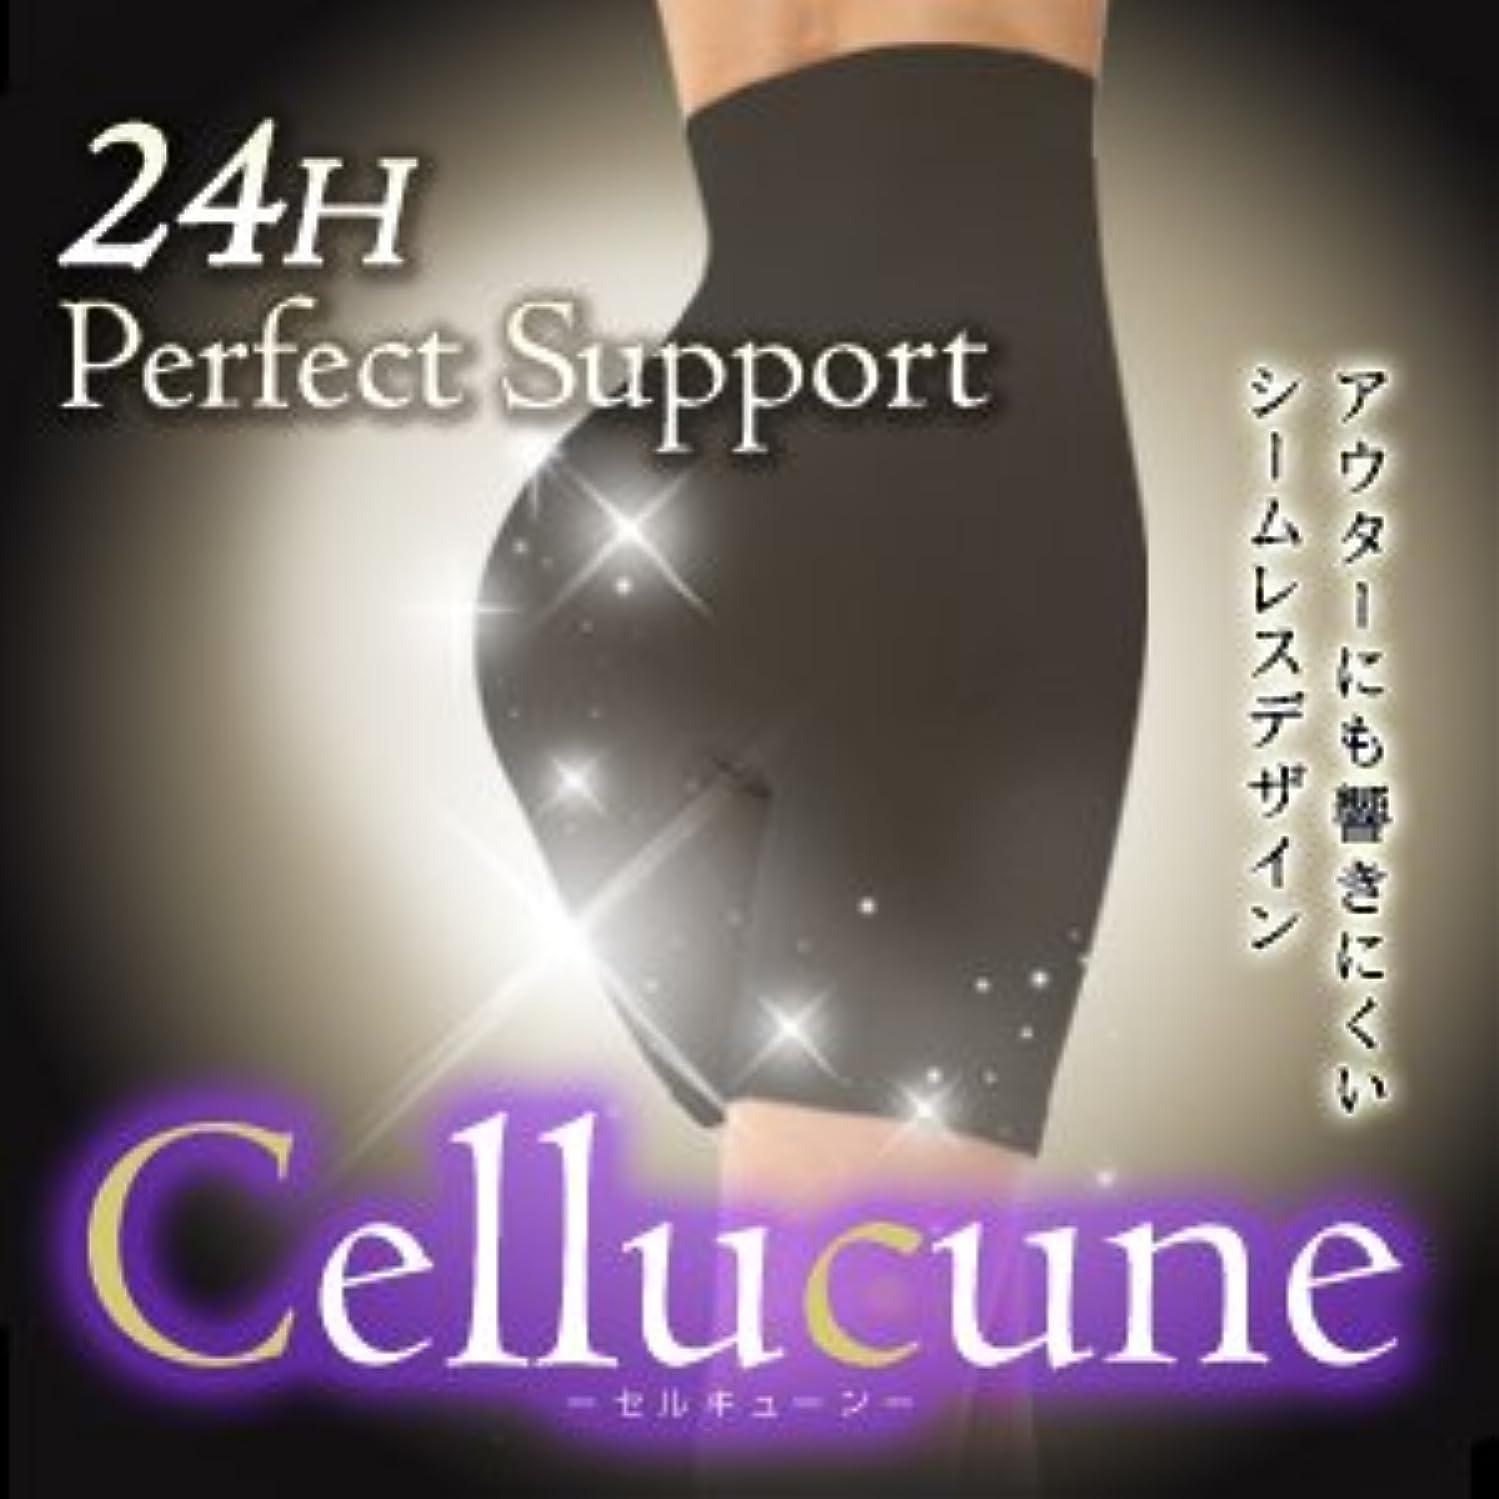 寸法愛組【M-L】セルキューン -Cellucune- 痩身特化骨盤補正ショーツ